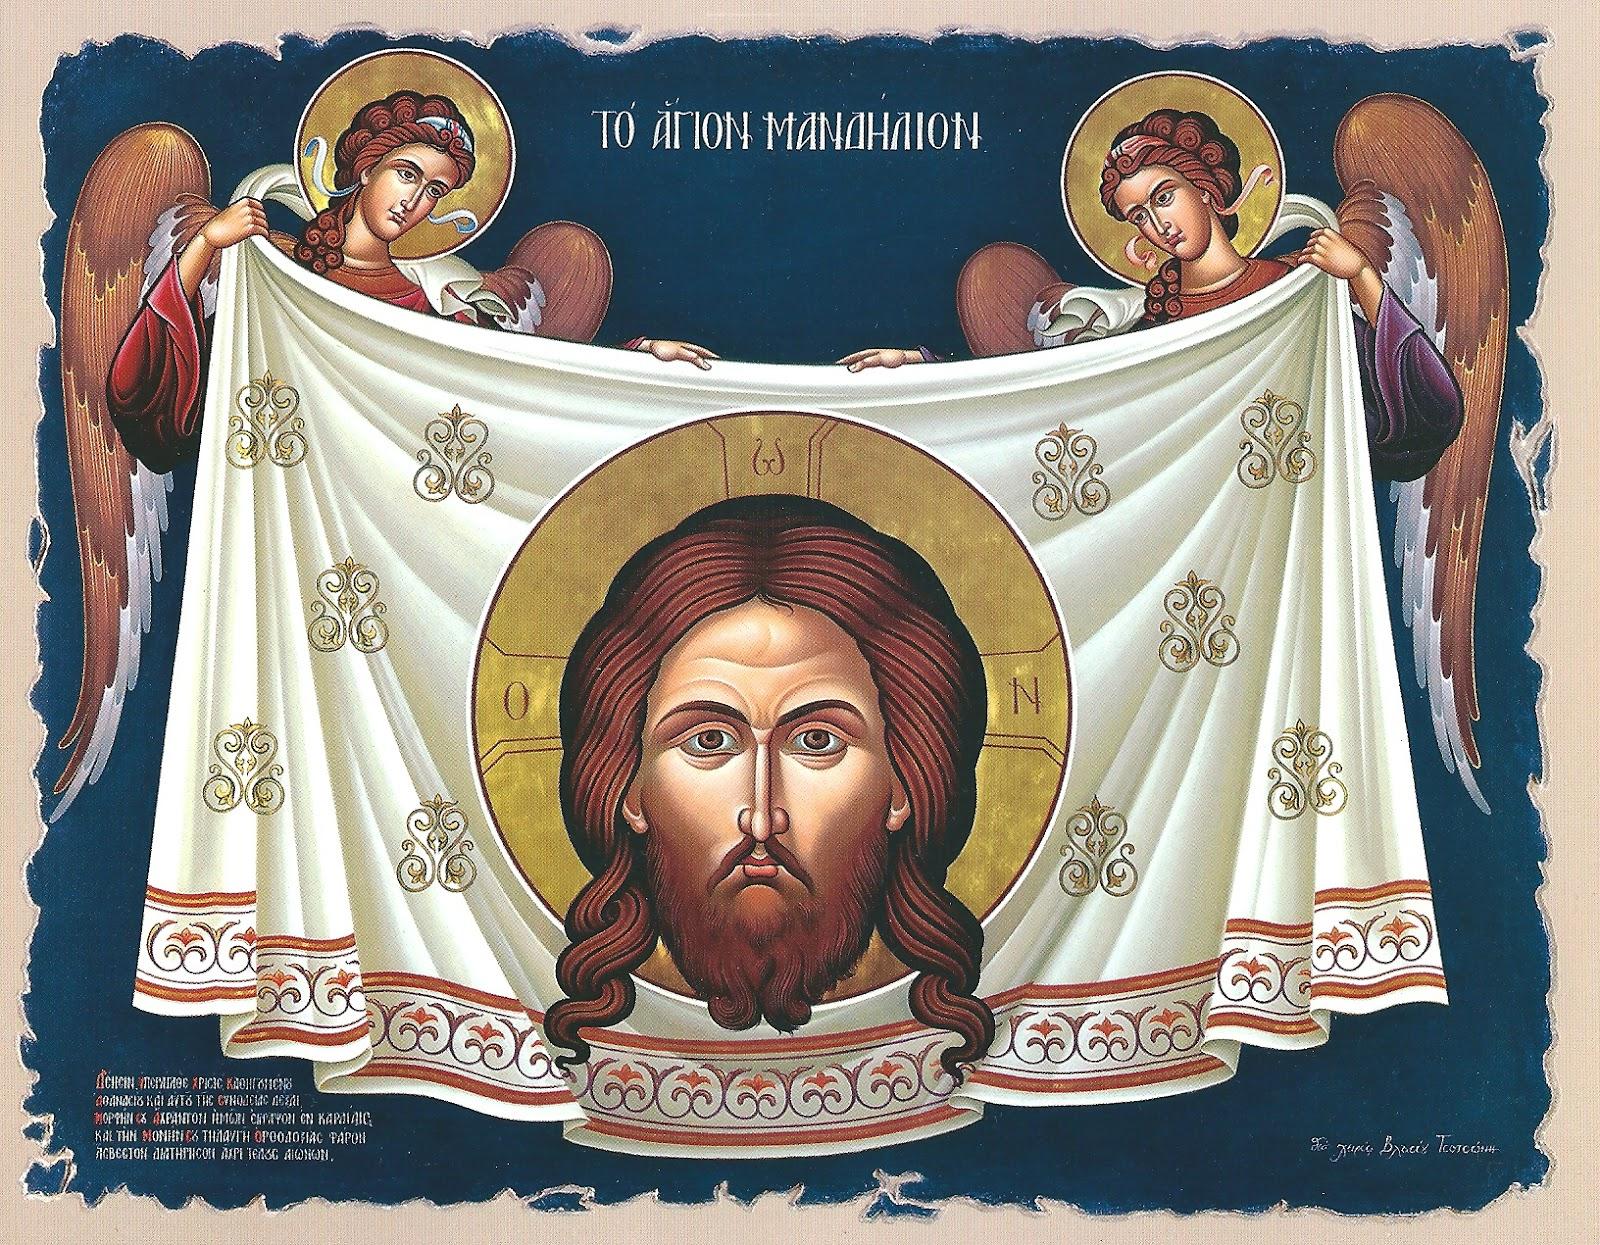 The Holy Mandylion